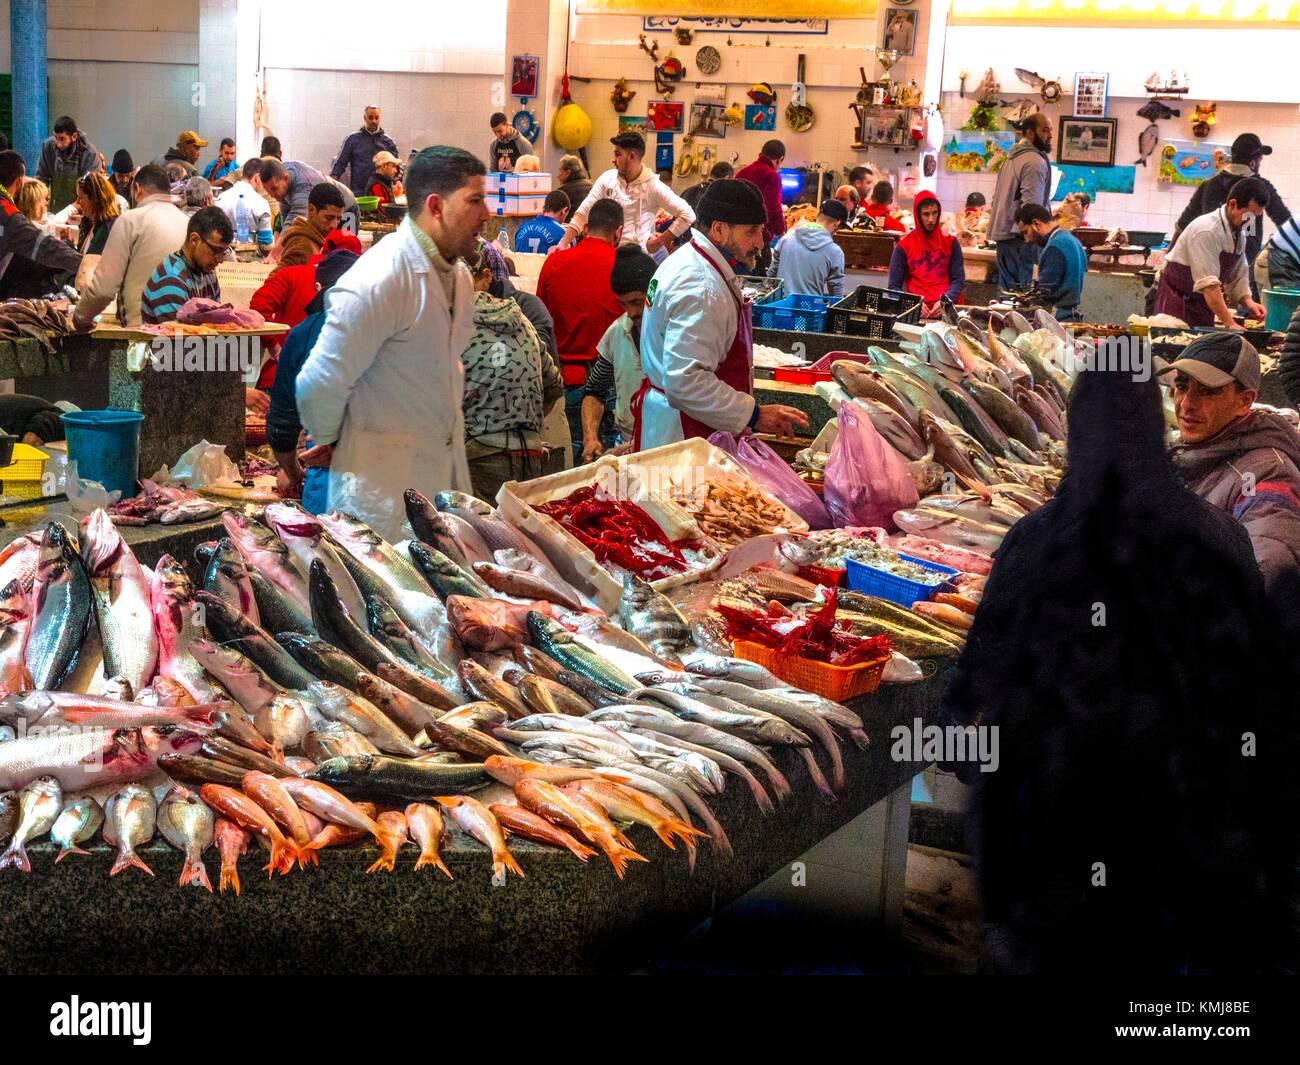 Maroc, Tanger, le marché aux poissons à Tanger. Photo Stock